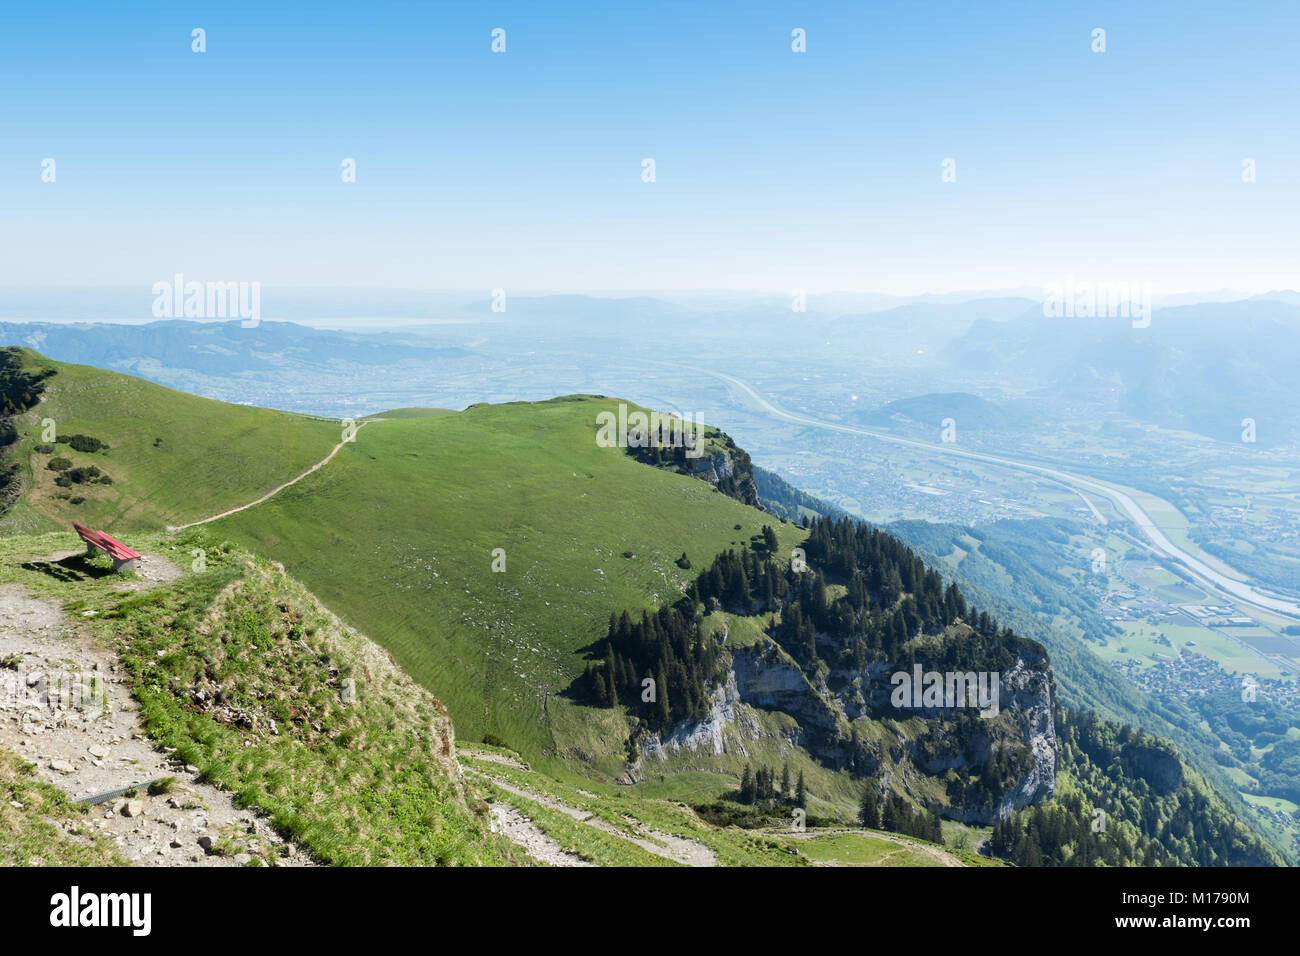 Bergwiese Von Hoher Kasten Mit Roten Bank Vor Tal Rheintal